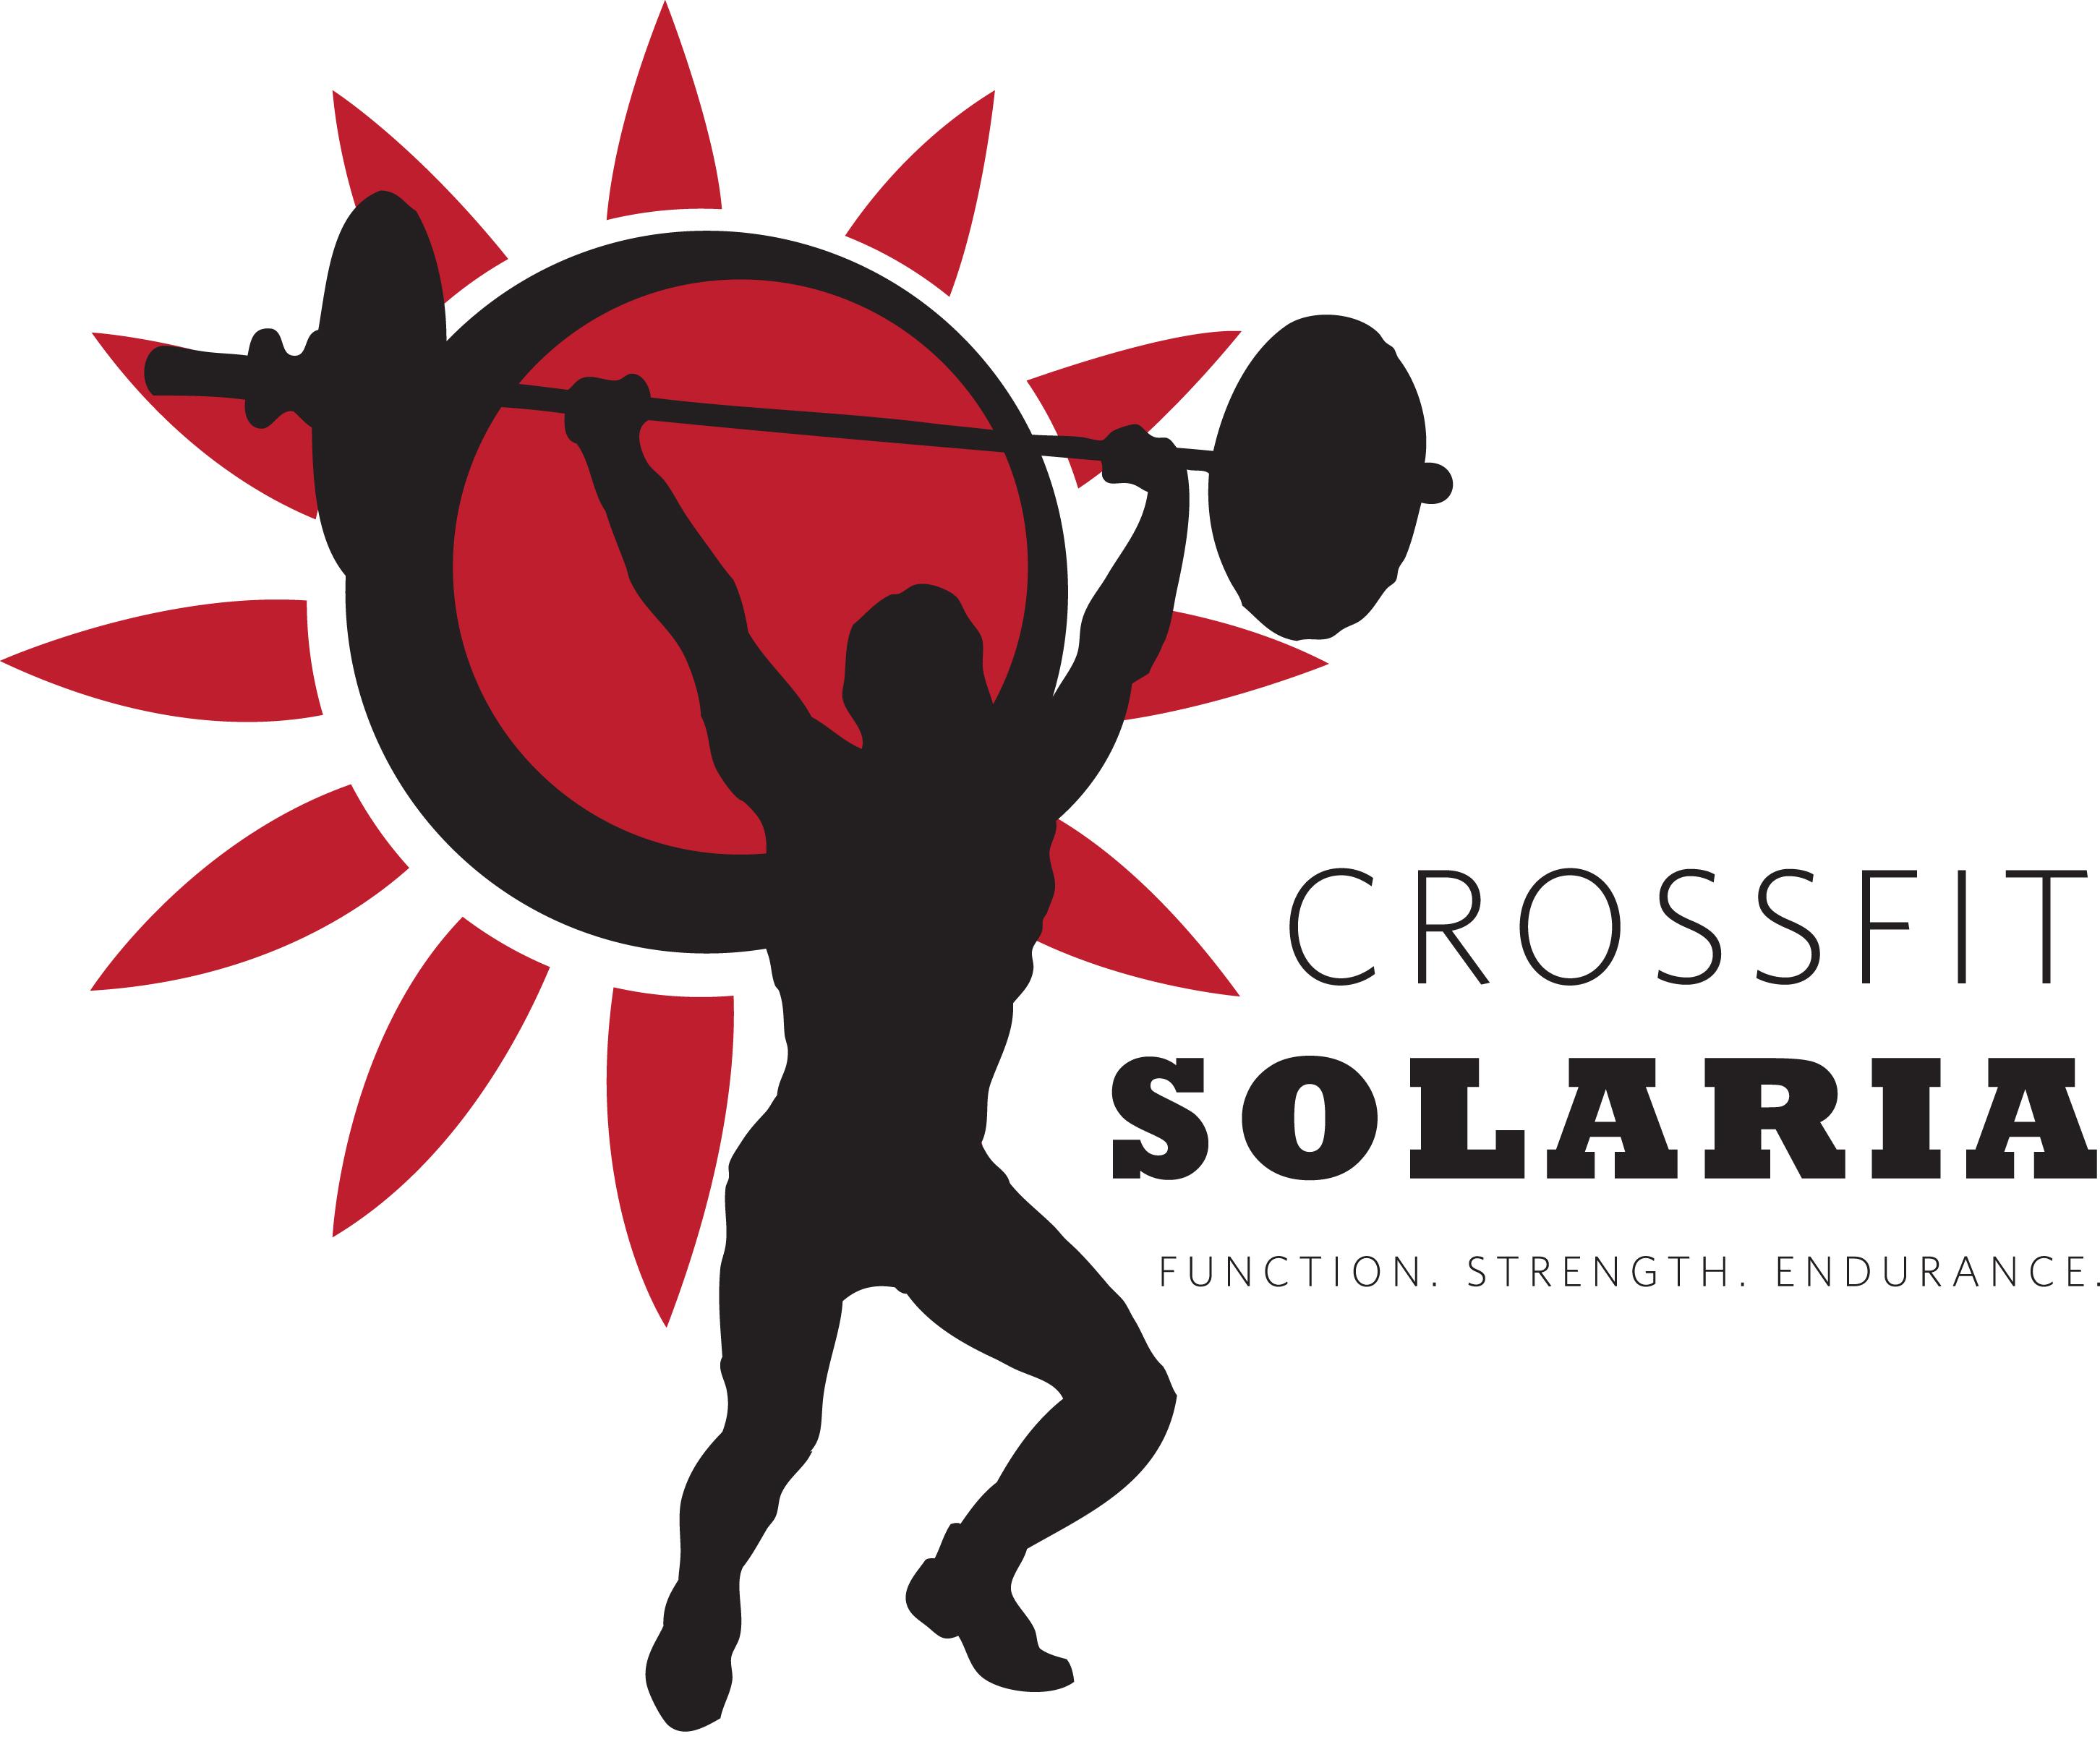 Crossfit Solaria logo